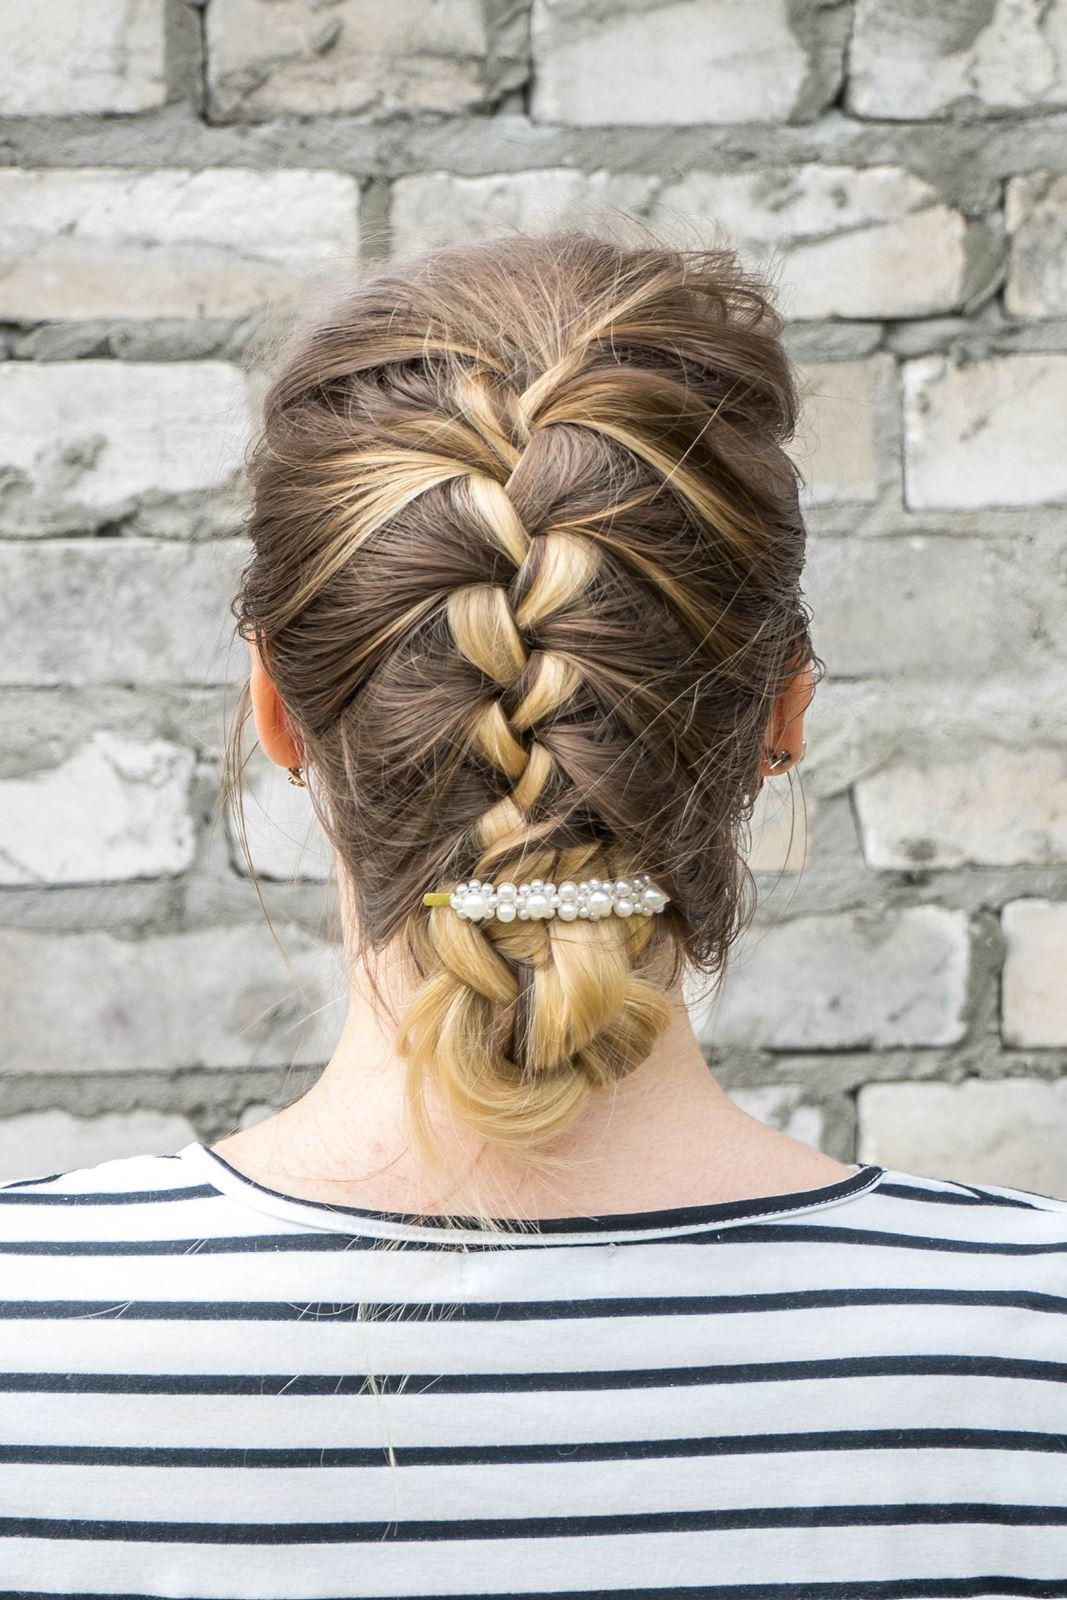 2 gdzie kupić ozdobne spinki do włosów z perłami i muszelkami fryzury, które odmładzają, postarzają, dodają lat, podobają się facetom, wyszczuplają twarz, proste fryzury do zrobienia samemu krok po kroku